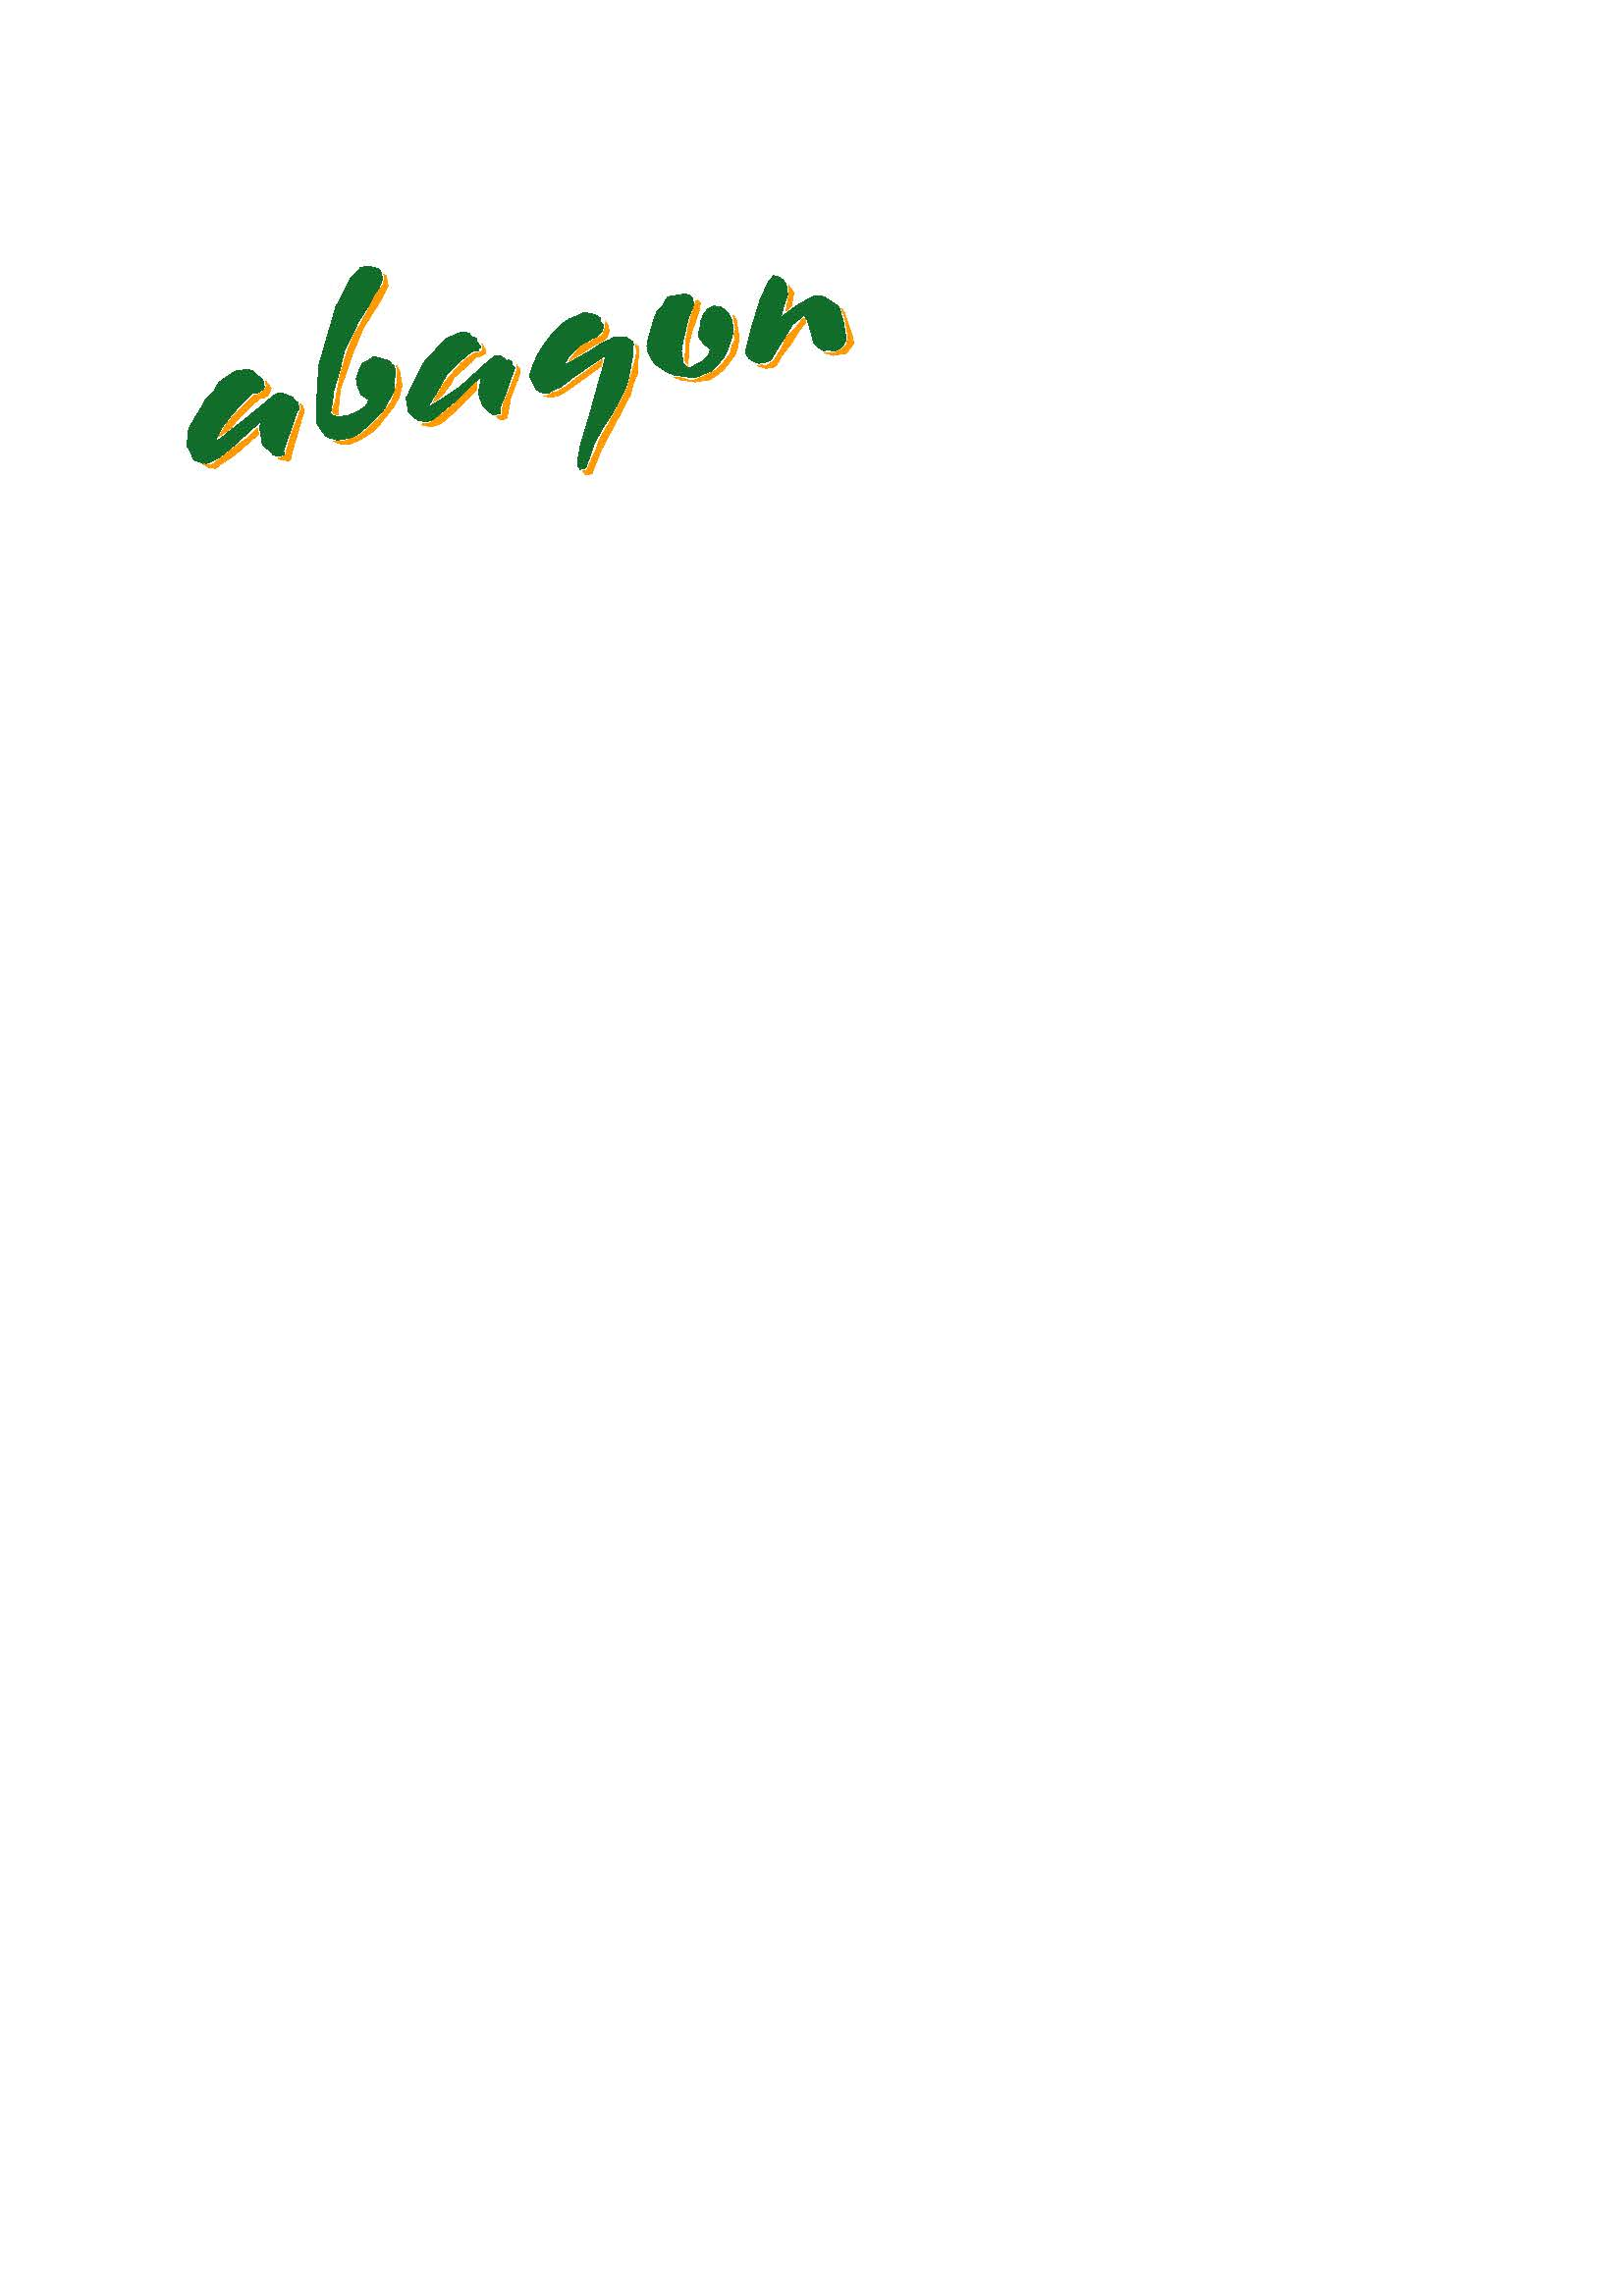 Autocares Abagón